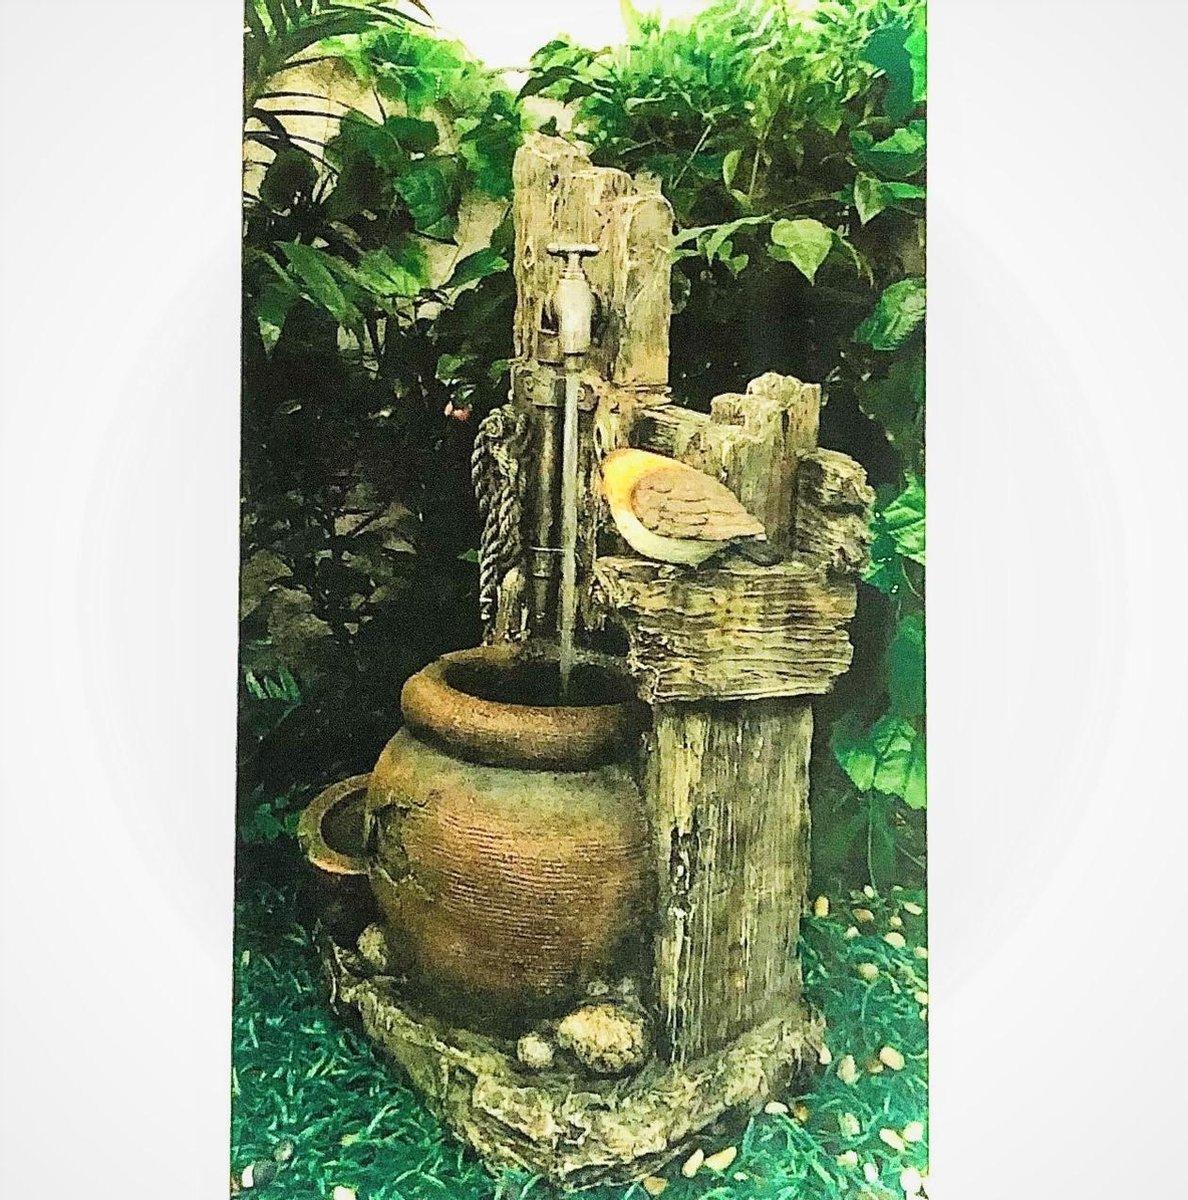 Tree Trunk Tap And Bird - fontein - exterieur - interieur - fontein voor binnen en voor buiten - relaxeer - zen - waterornament - cadeau - geschenk - relatiegeschenk - origineel - lente - zomer - lentecollectie - zomercollectie - afkoeling - koelte